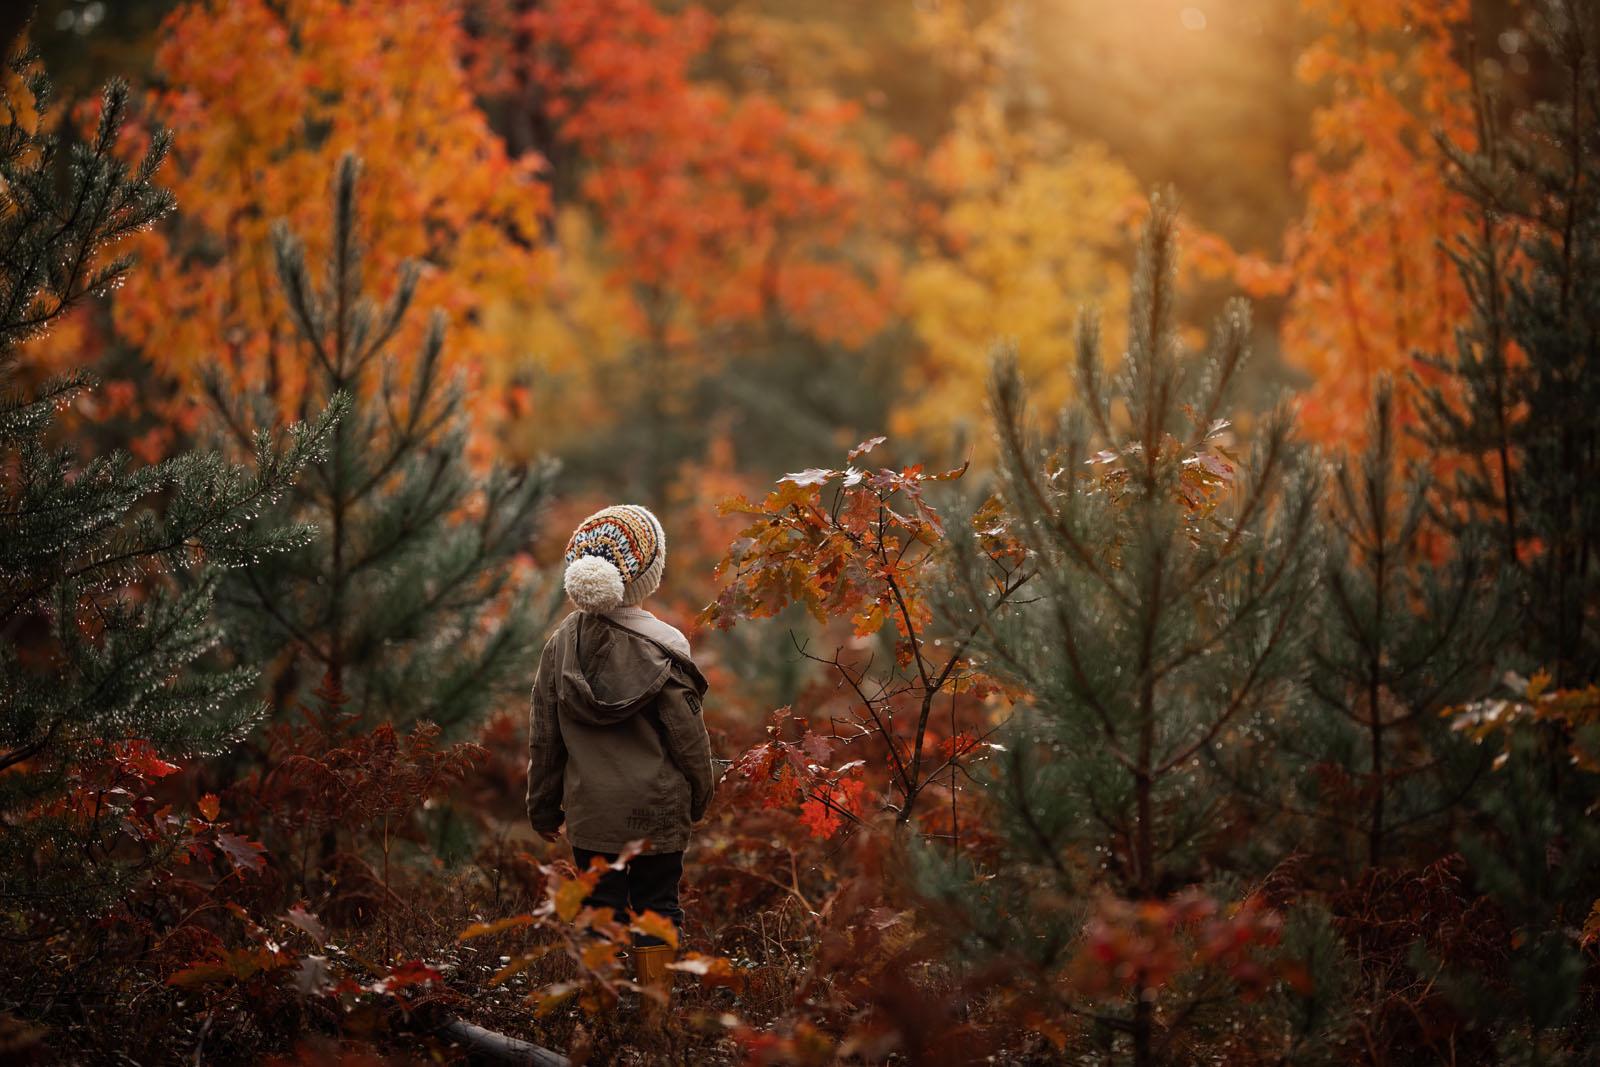 megloeks_image26 child walking among autumn foliage fall activities by meg loeks